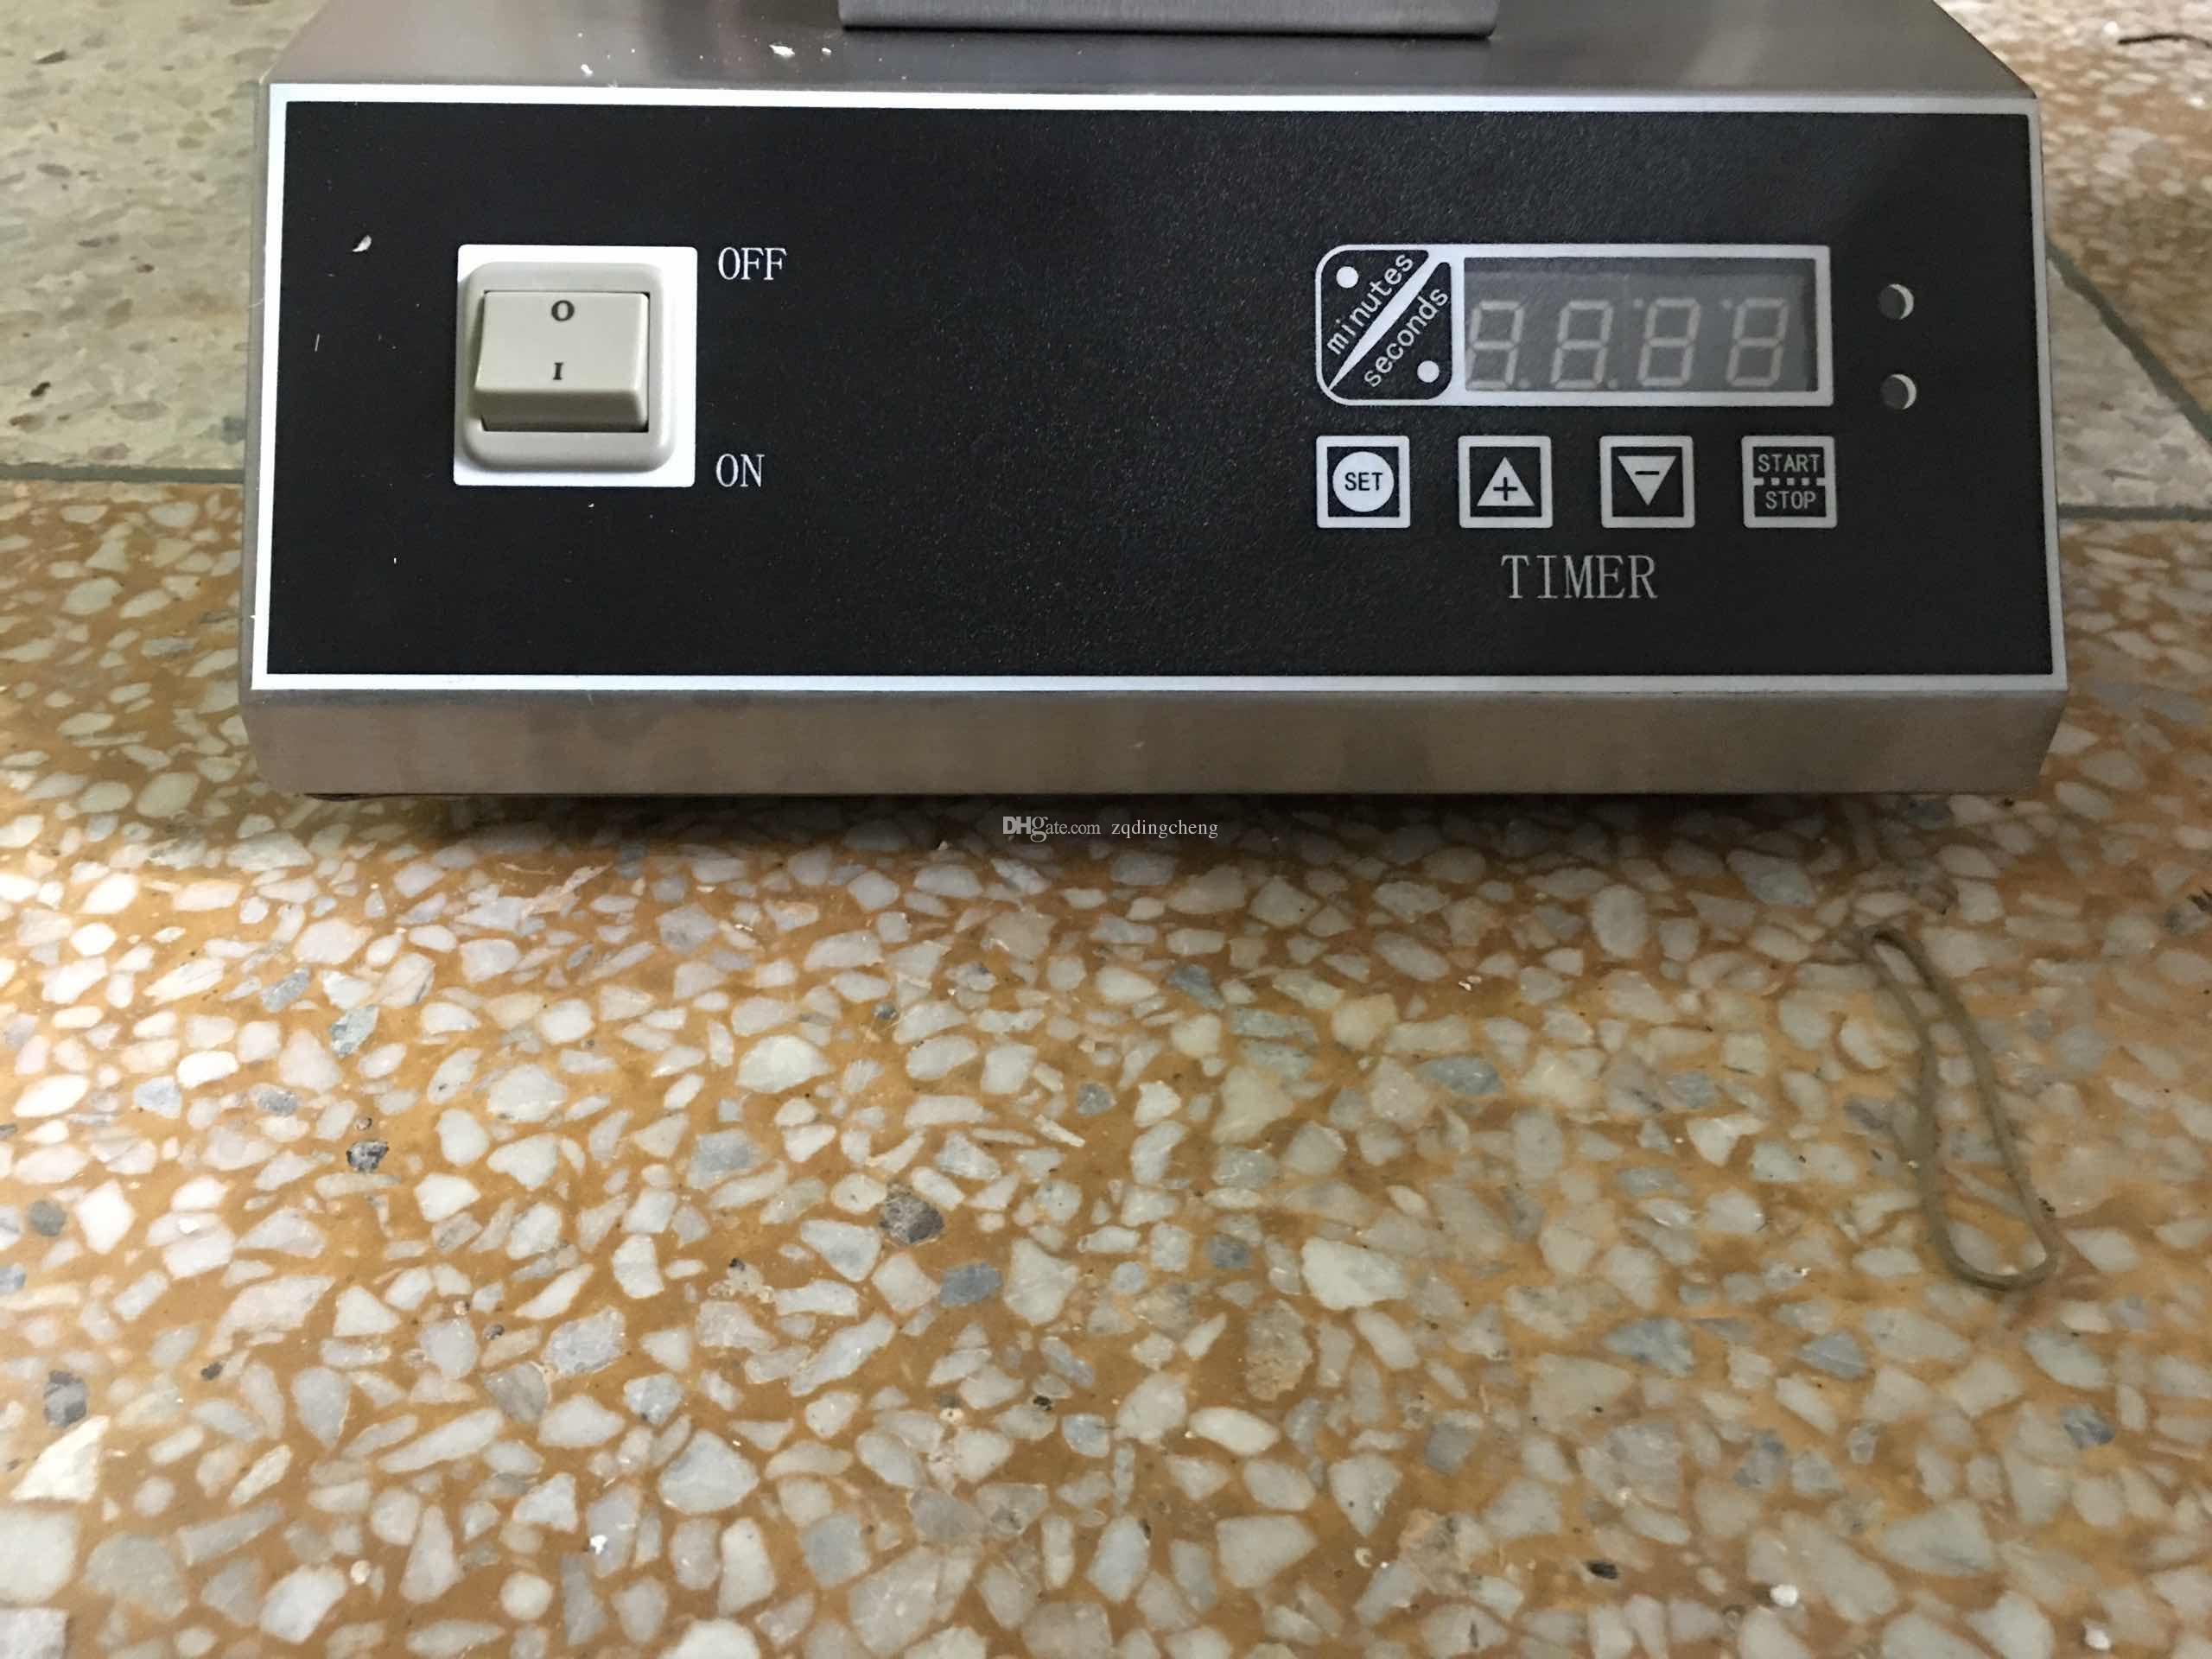 مع نوع الرقمية صانع الهراء البيض سميكة 3 طبقات سطح غير لاصقة